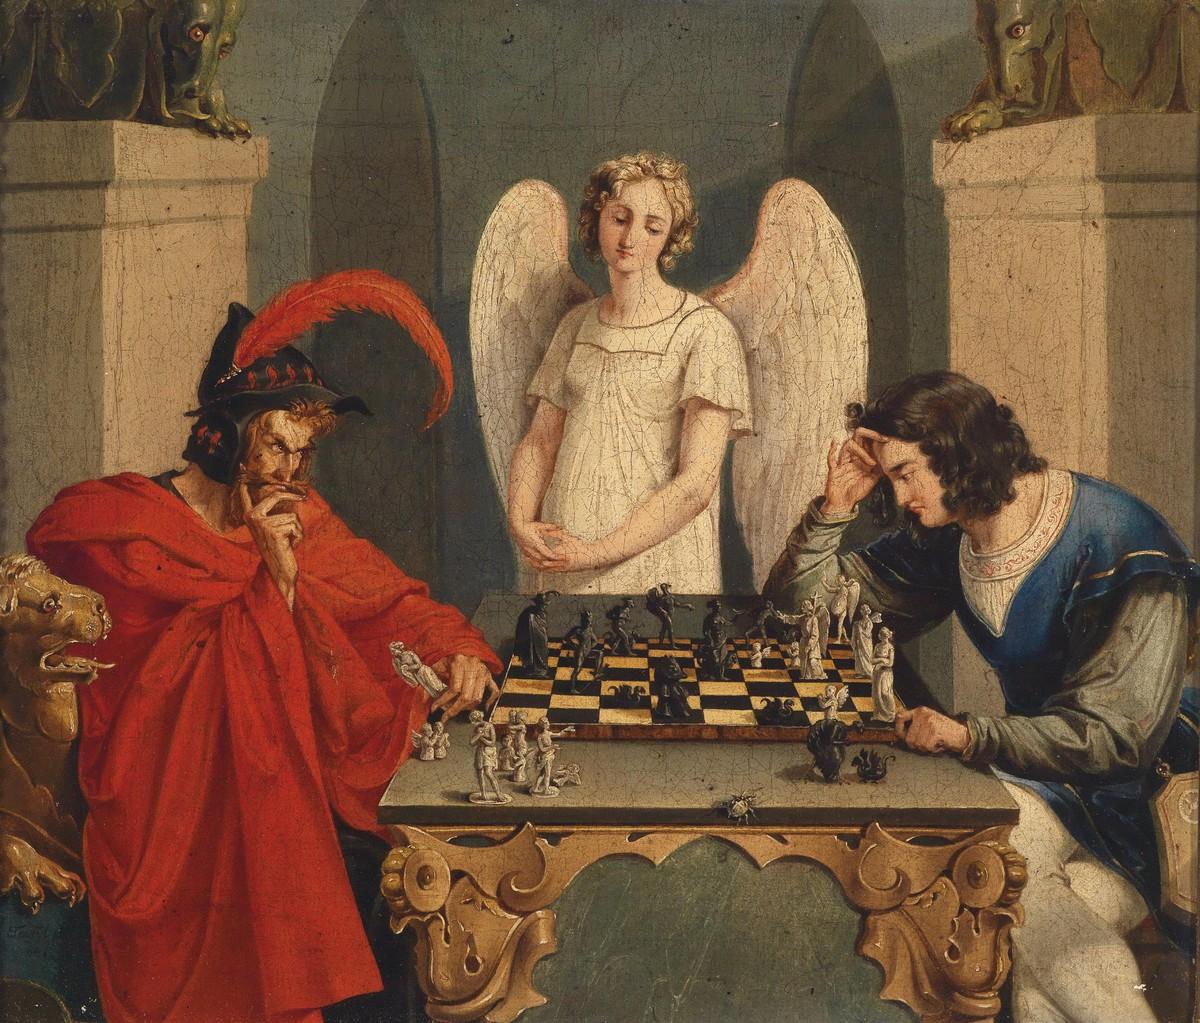 Nicolo di Pietro 1413 - 1415